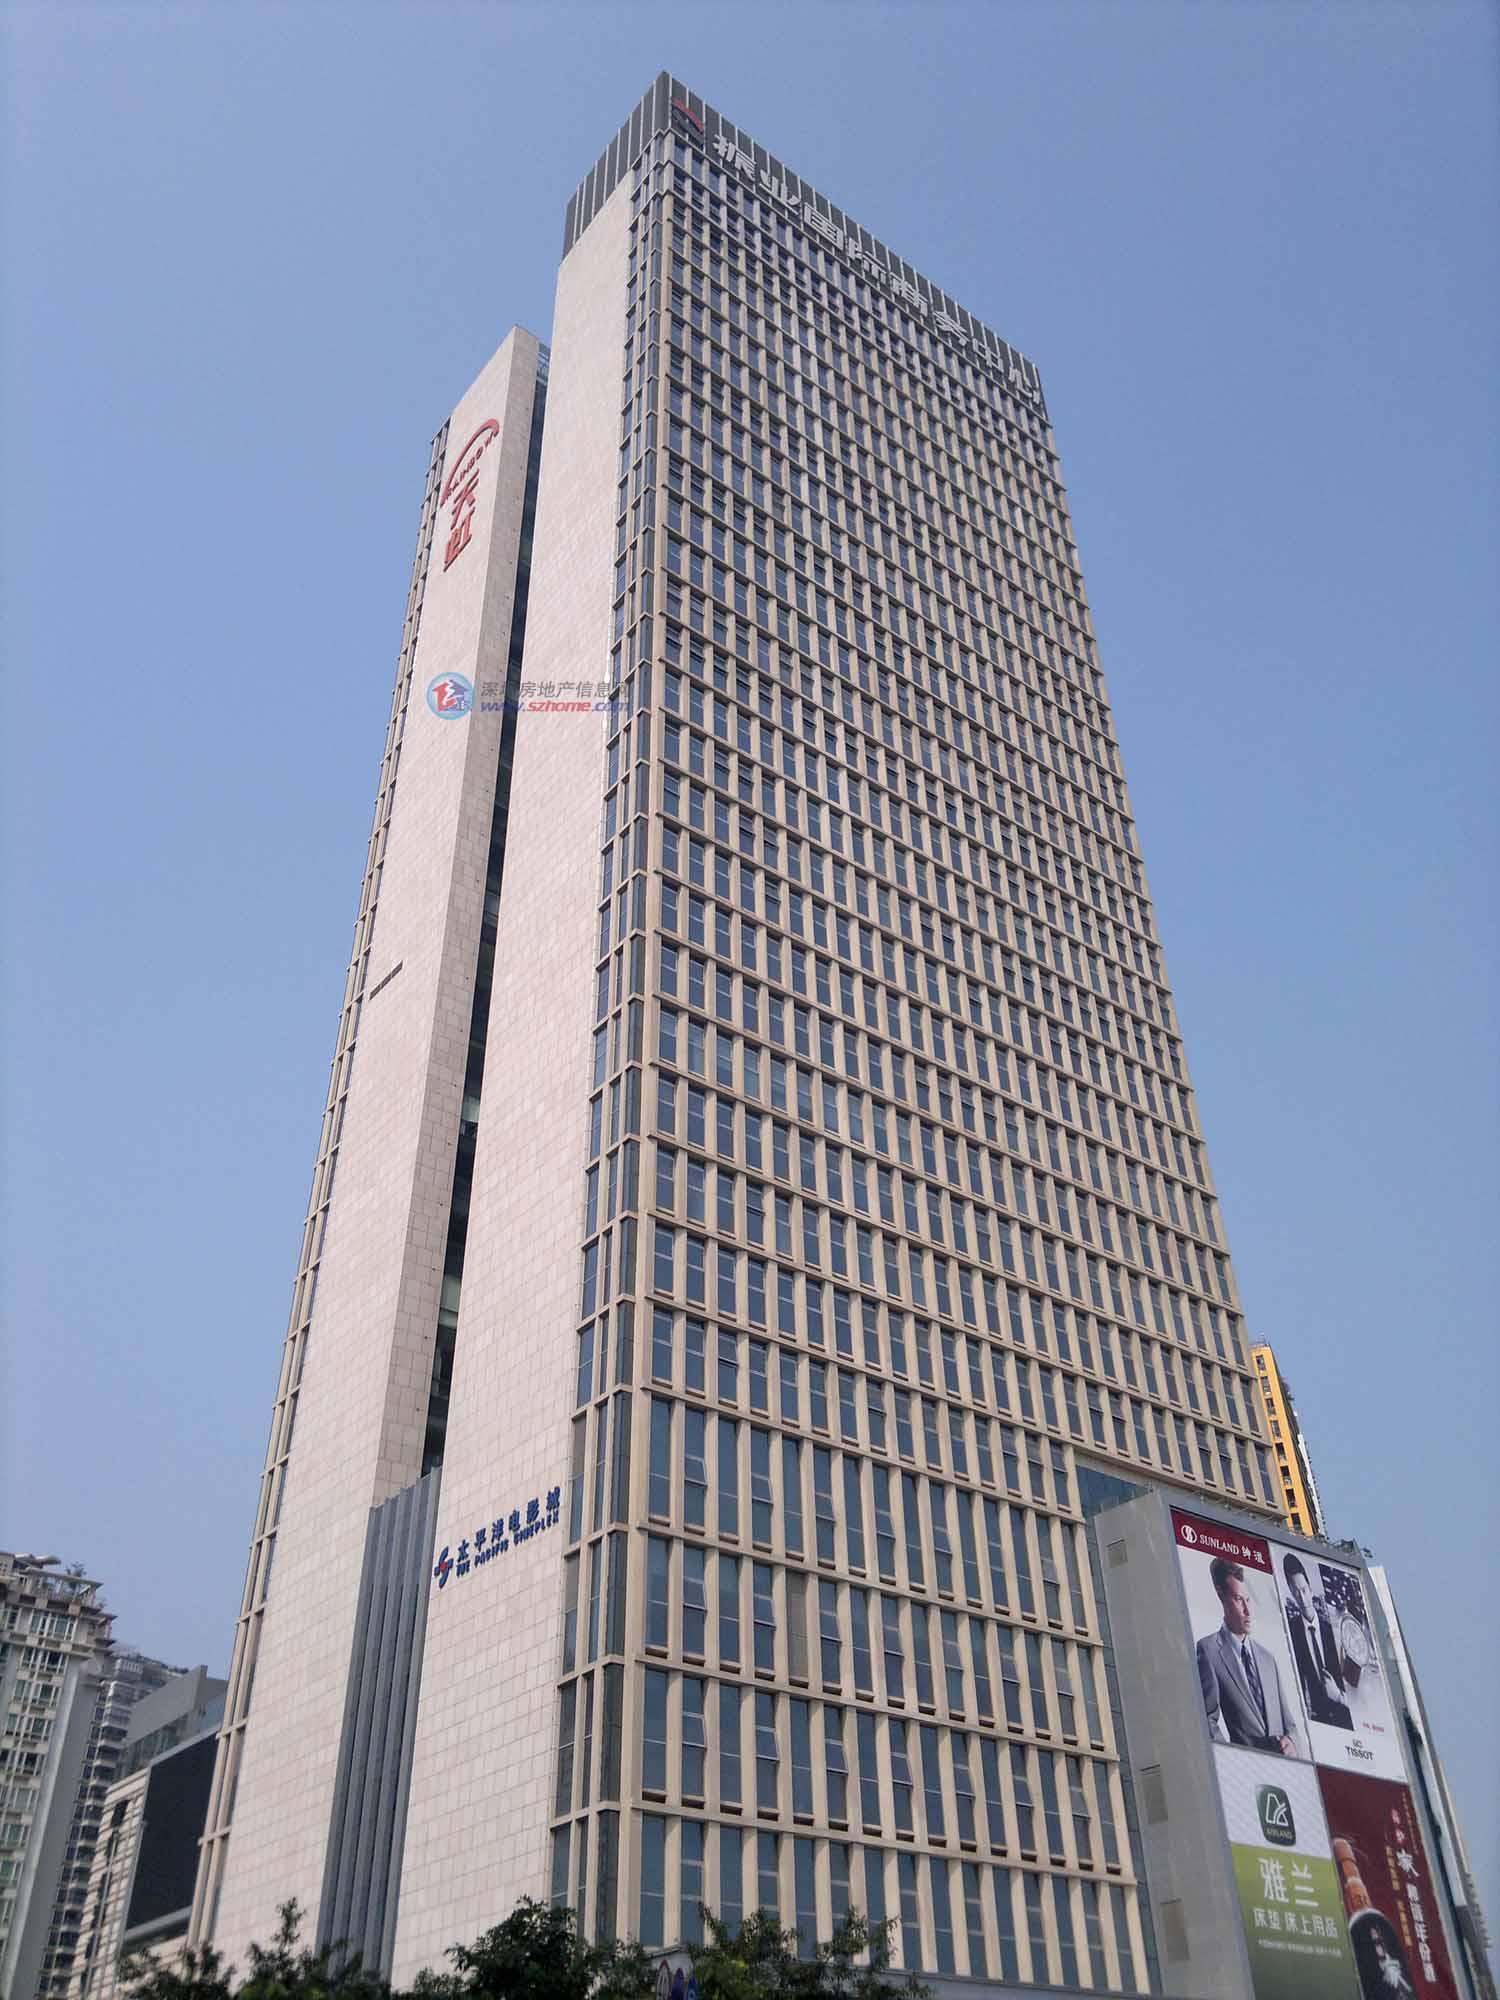 振业国际商务中心-星海名城七期楼盘相册-深圳房地产